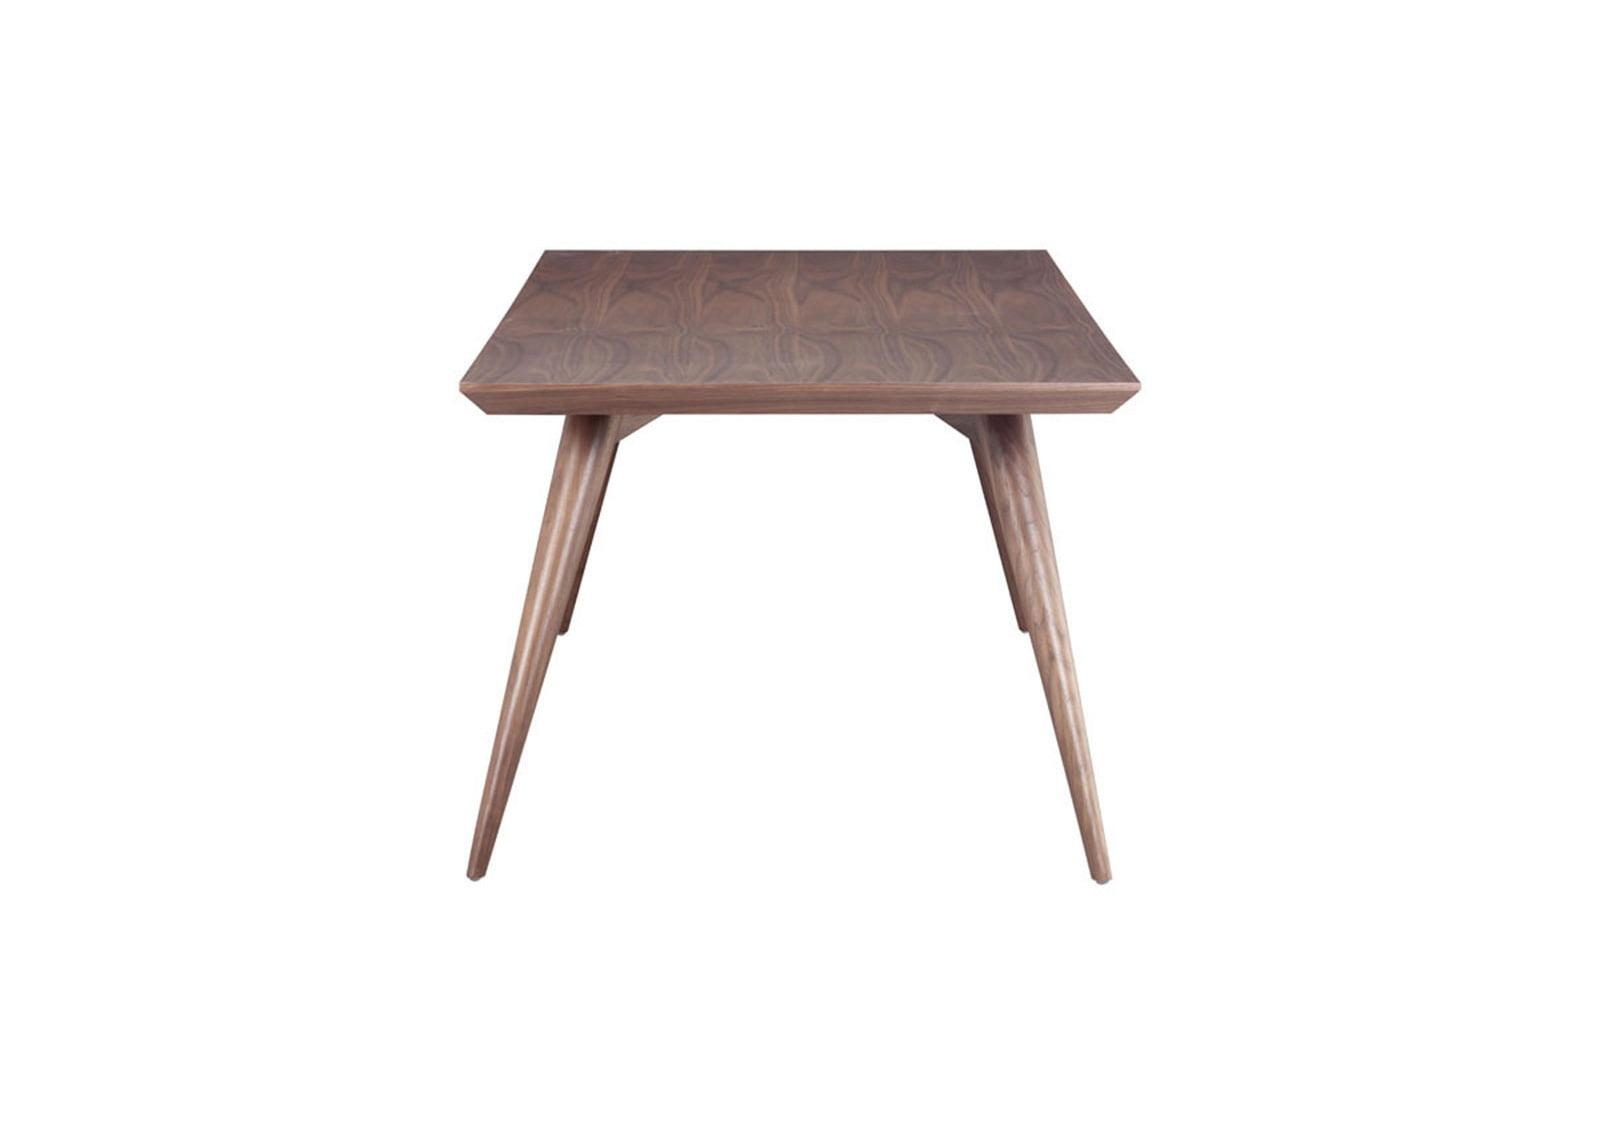 stockholm dining table walnut furnishplus. Black Bedroom Furniture Sets. Home Design Ideas